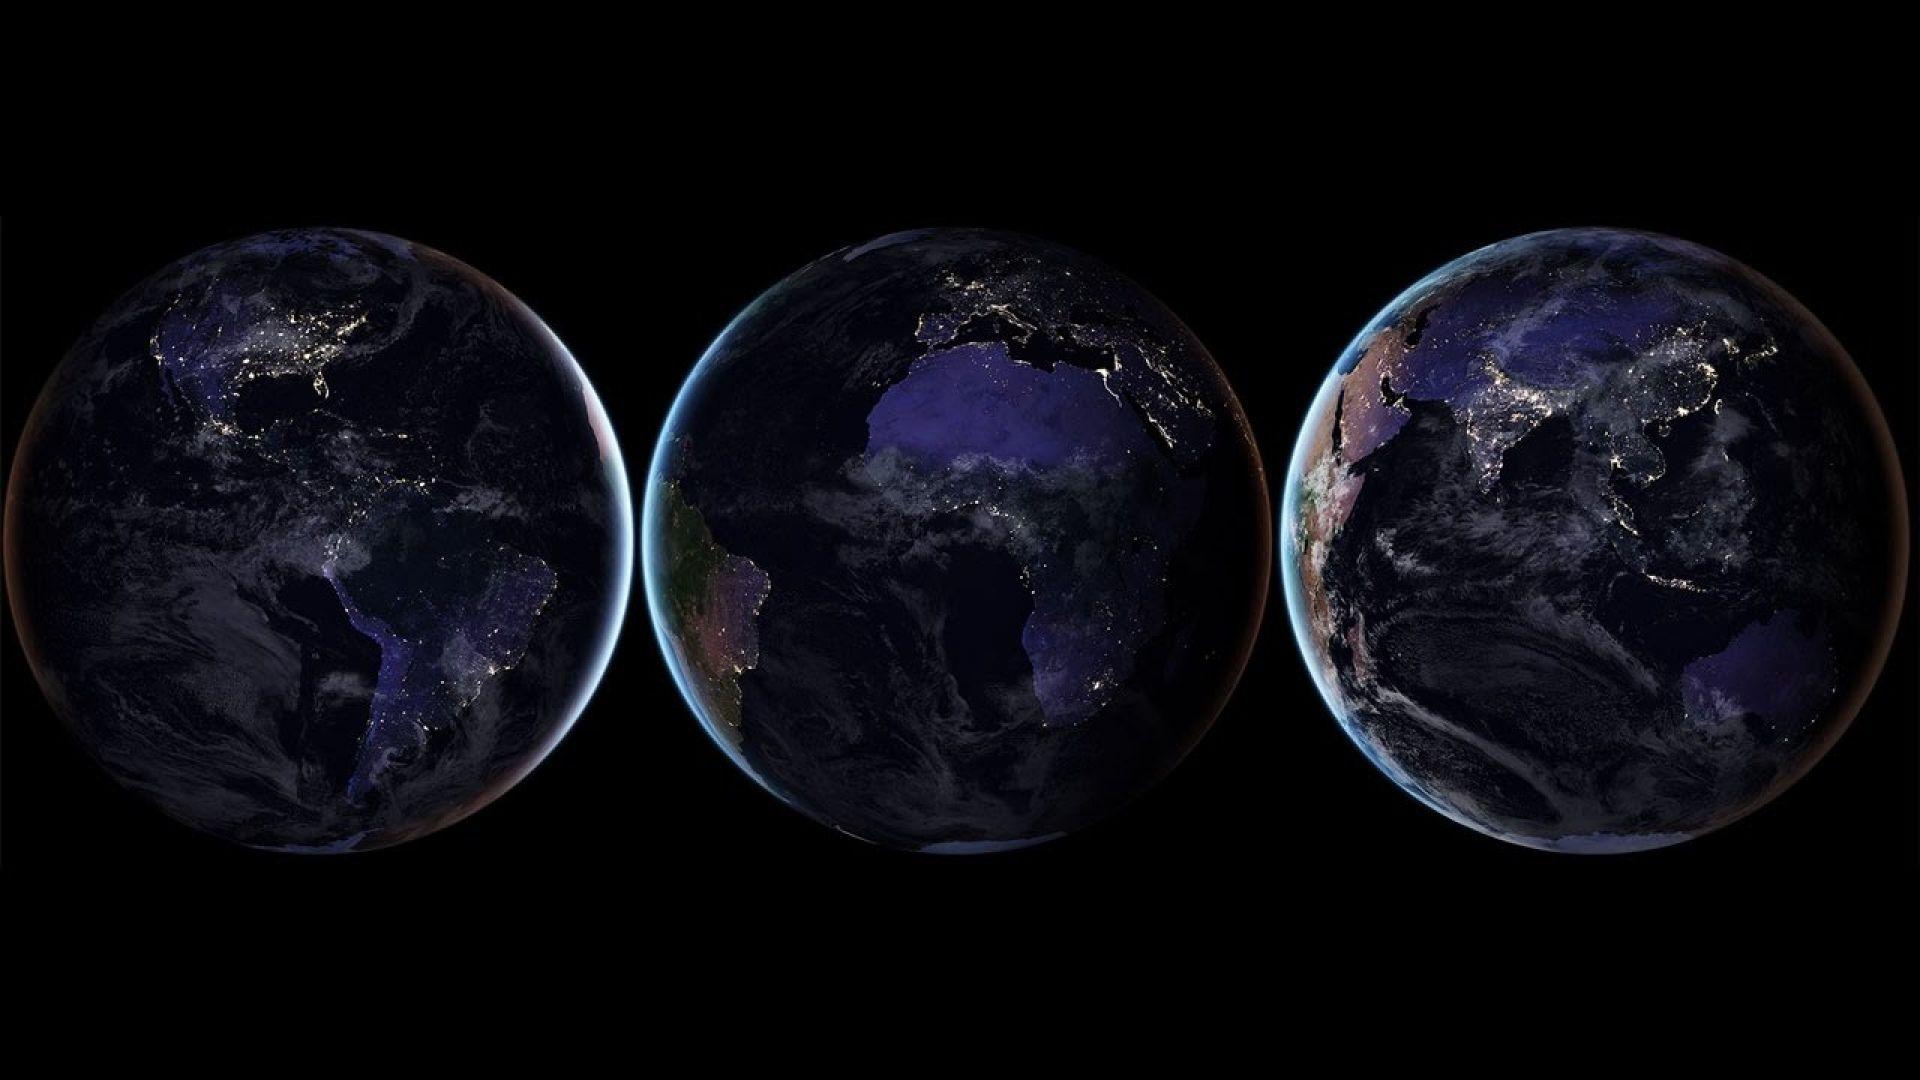 Най-добрите снимки на Земята през нощта (галерия)